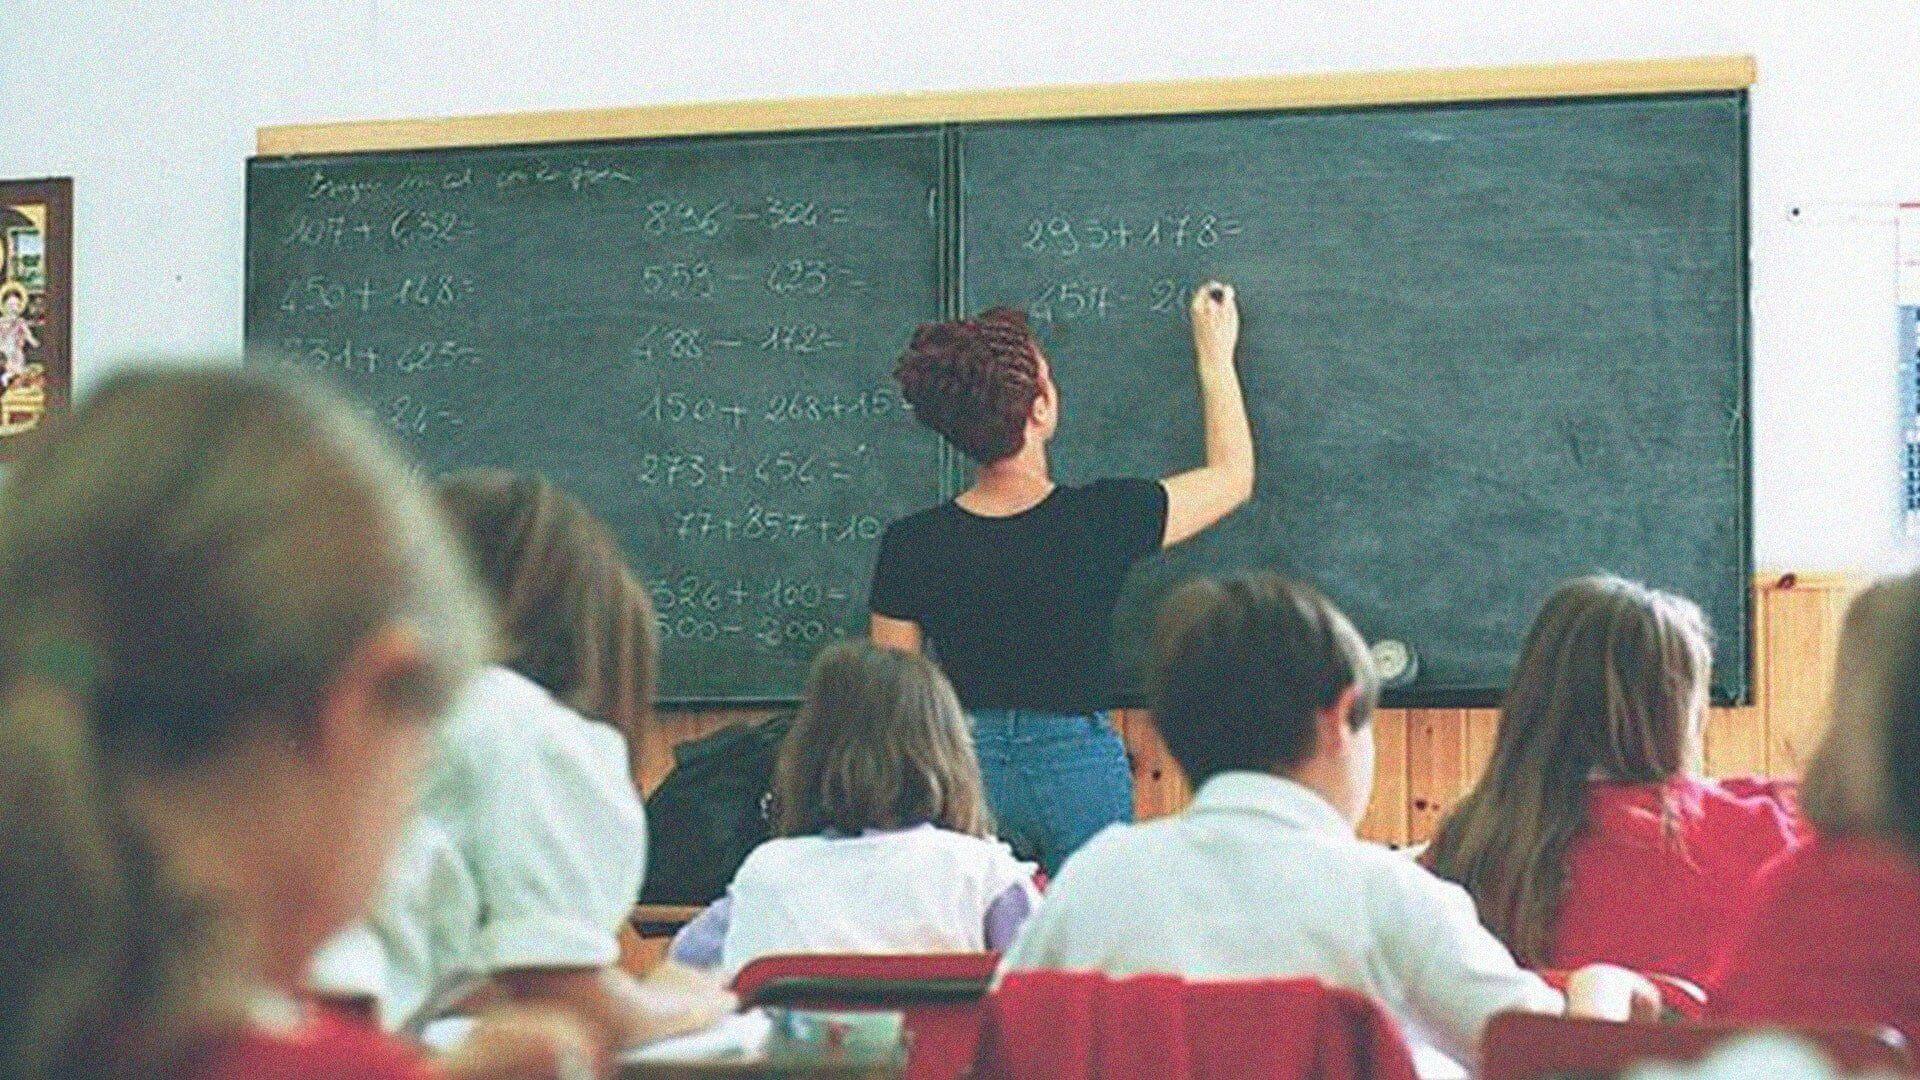 La Destra vede nella scuola pubblica un brodo di coltura di oppositori politici